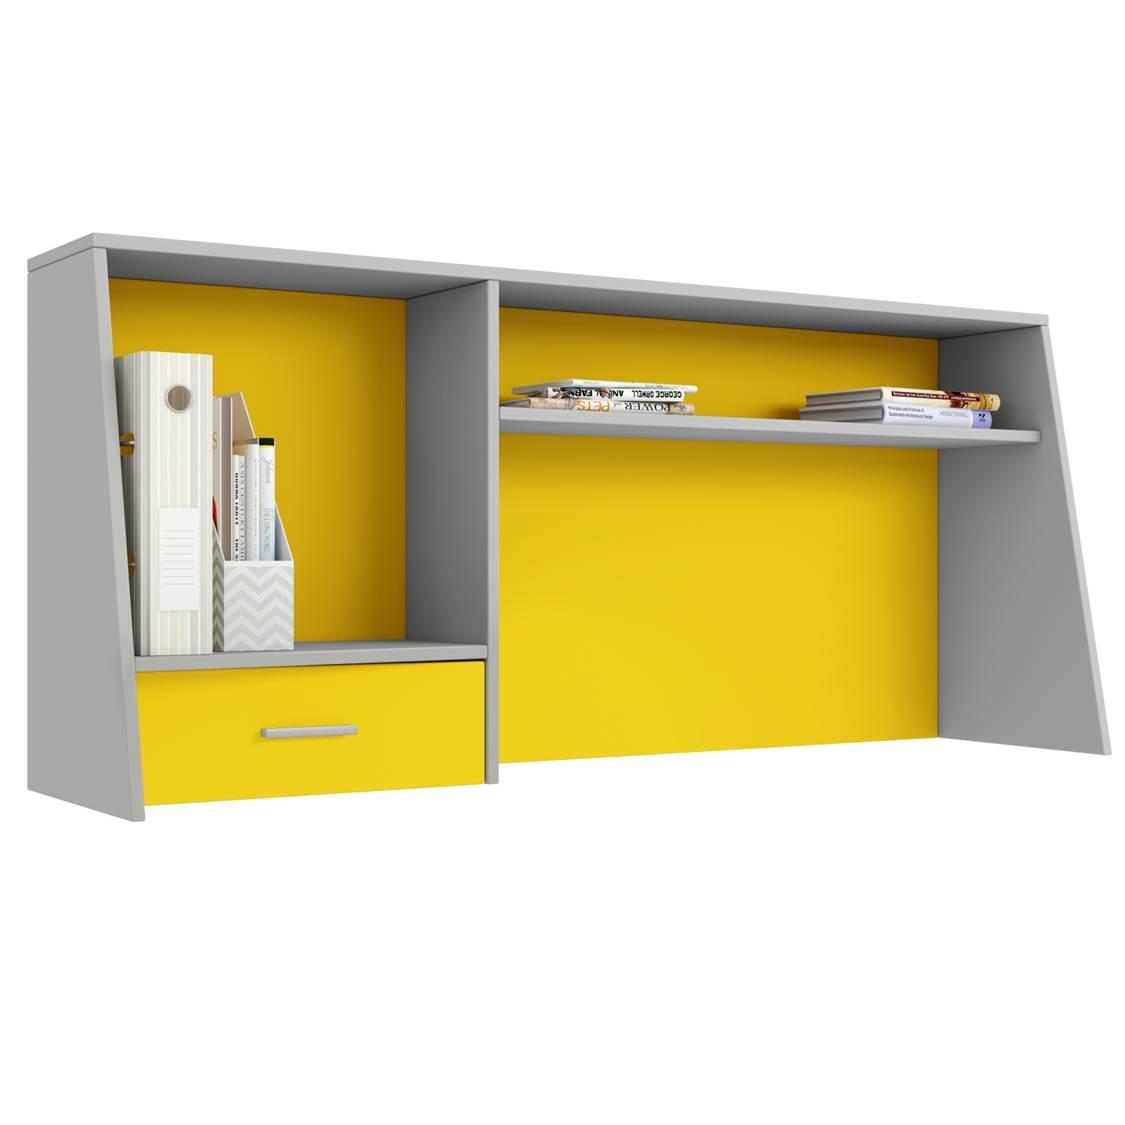 Надстройка для cтола Polini kids Aviv 1450 с ящиком и полкой, серый/желтый